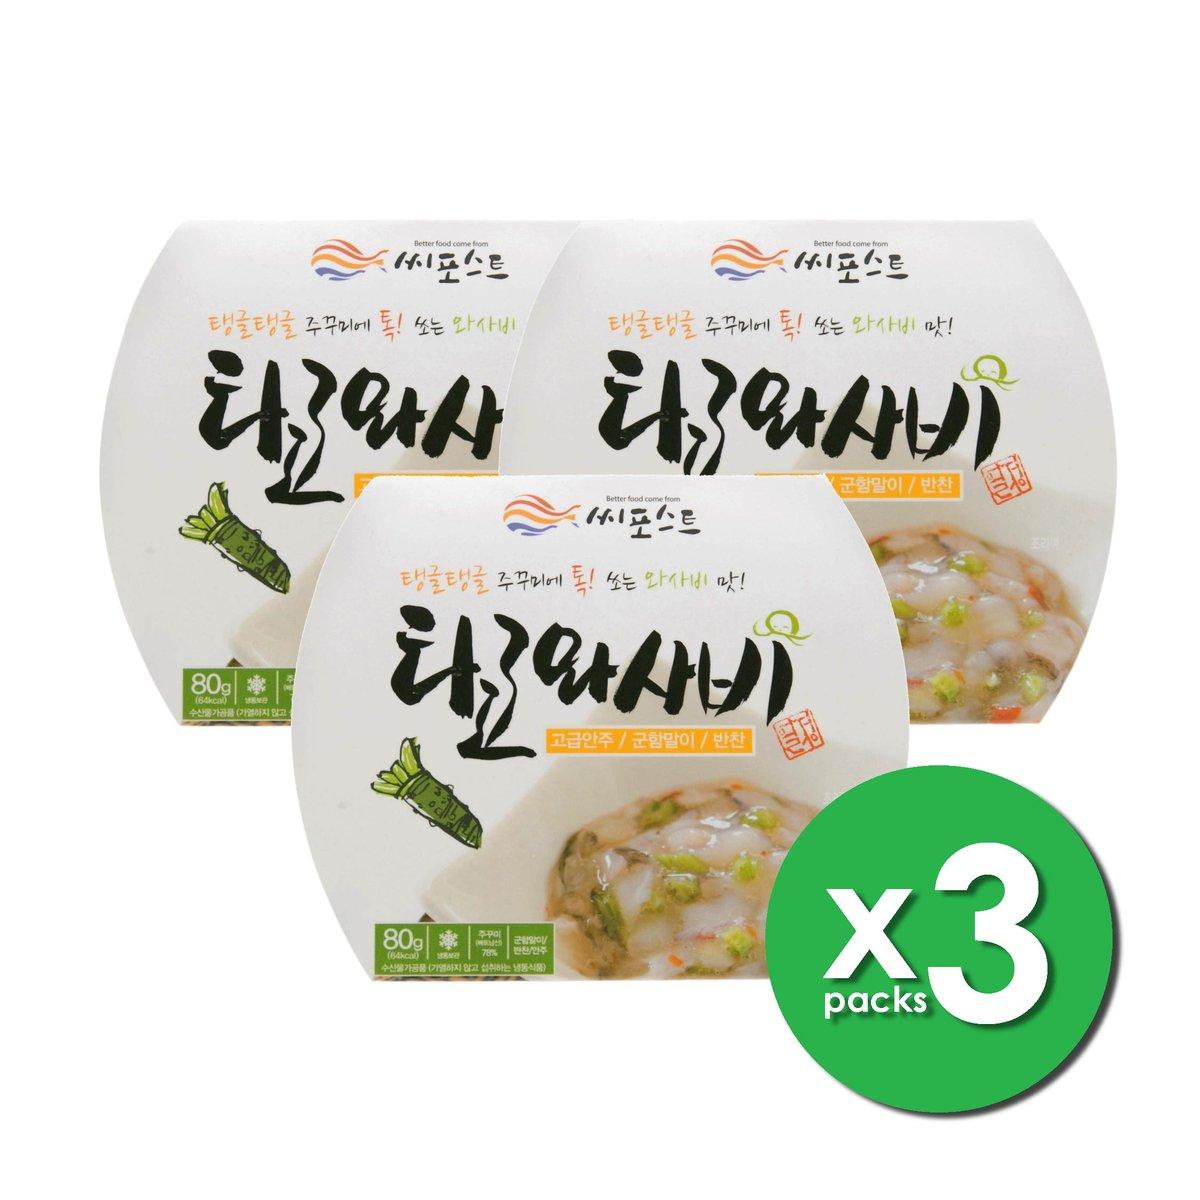 即食芥末章魚(3盒裝)